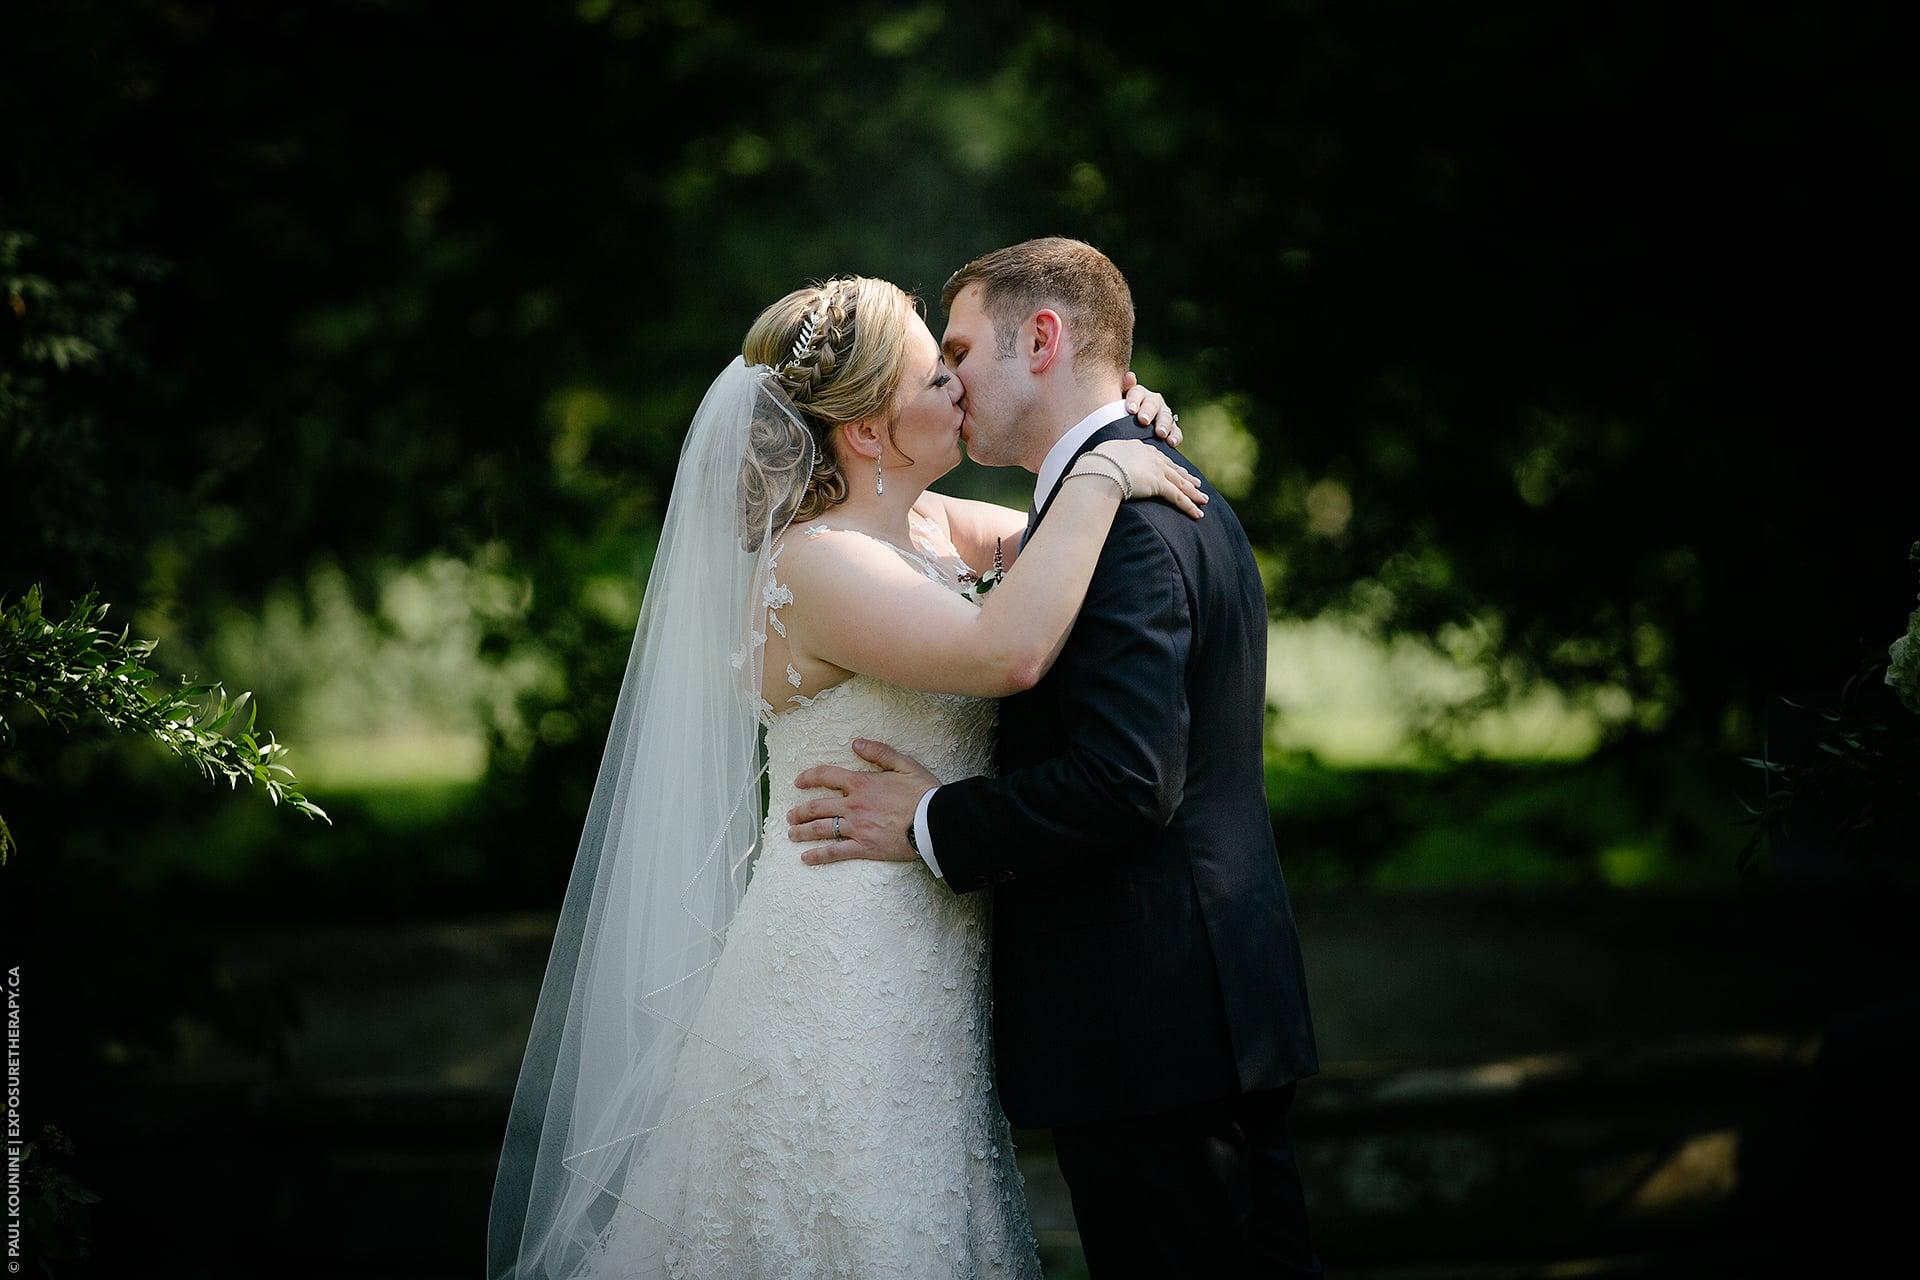 200 mm lens on full frame camera wedding couple kissing.